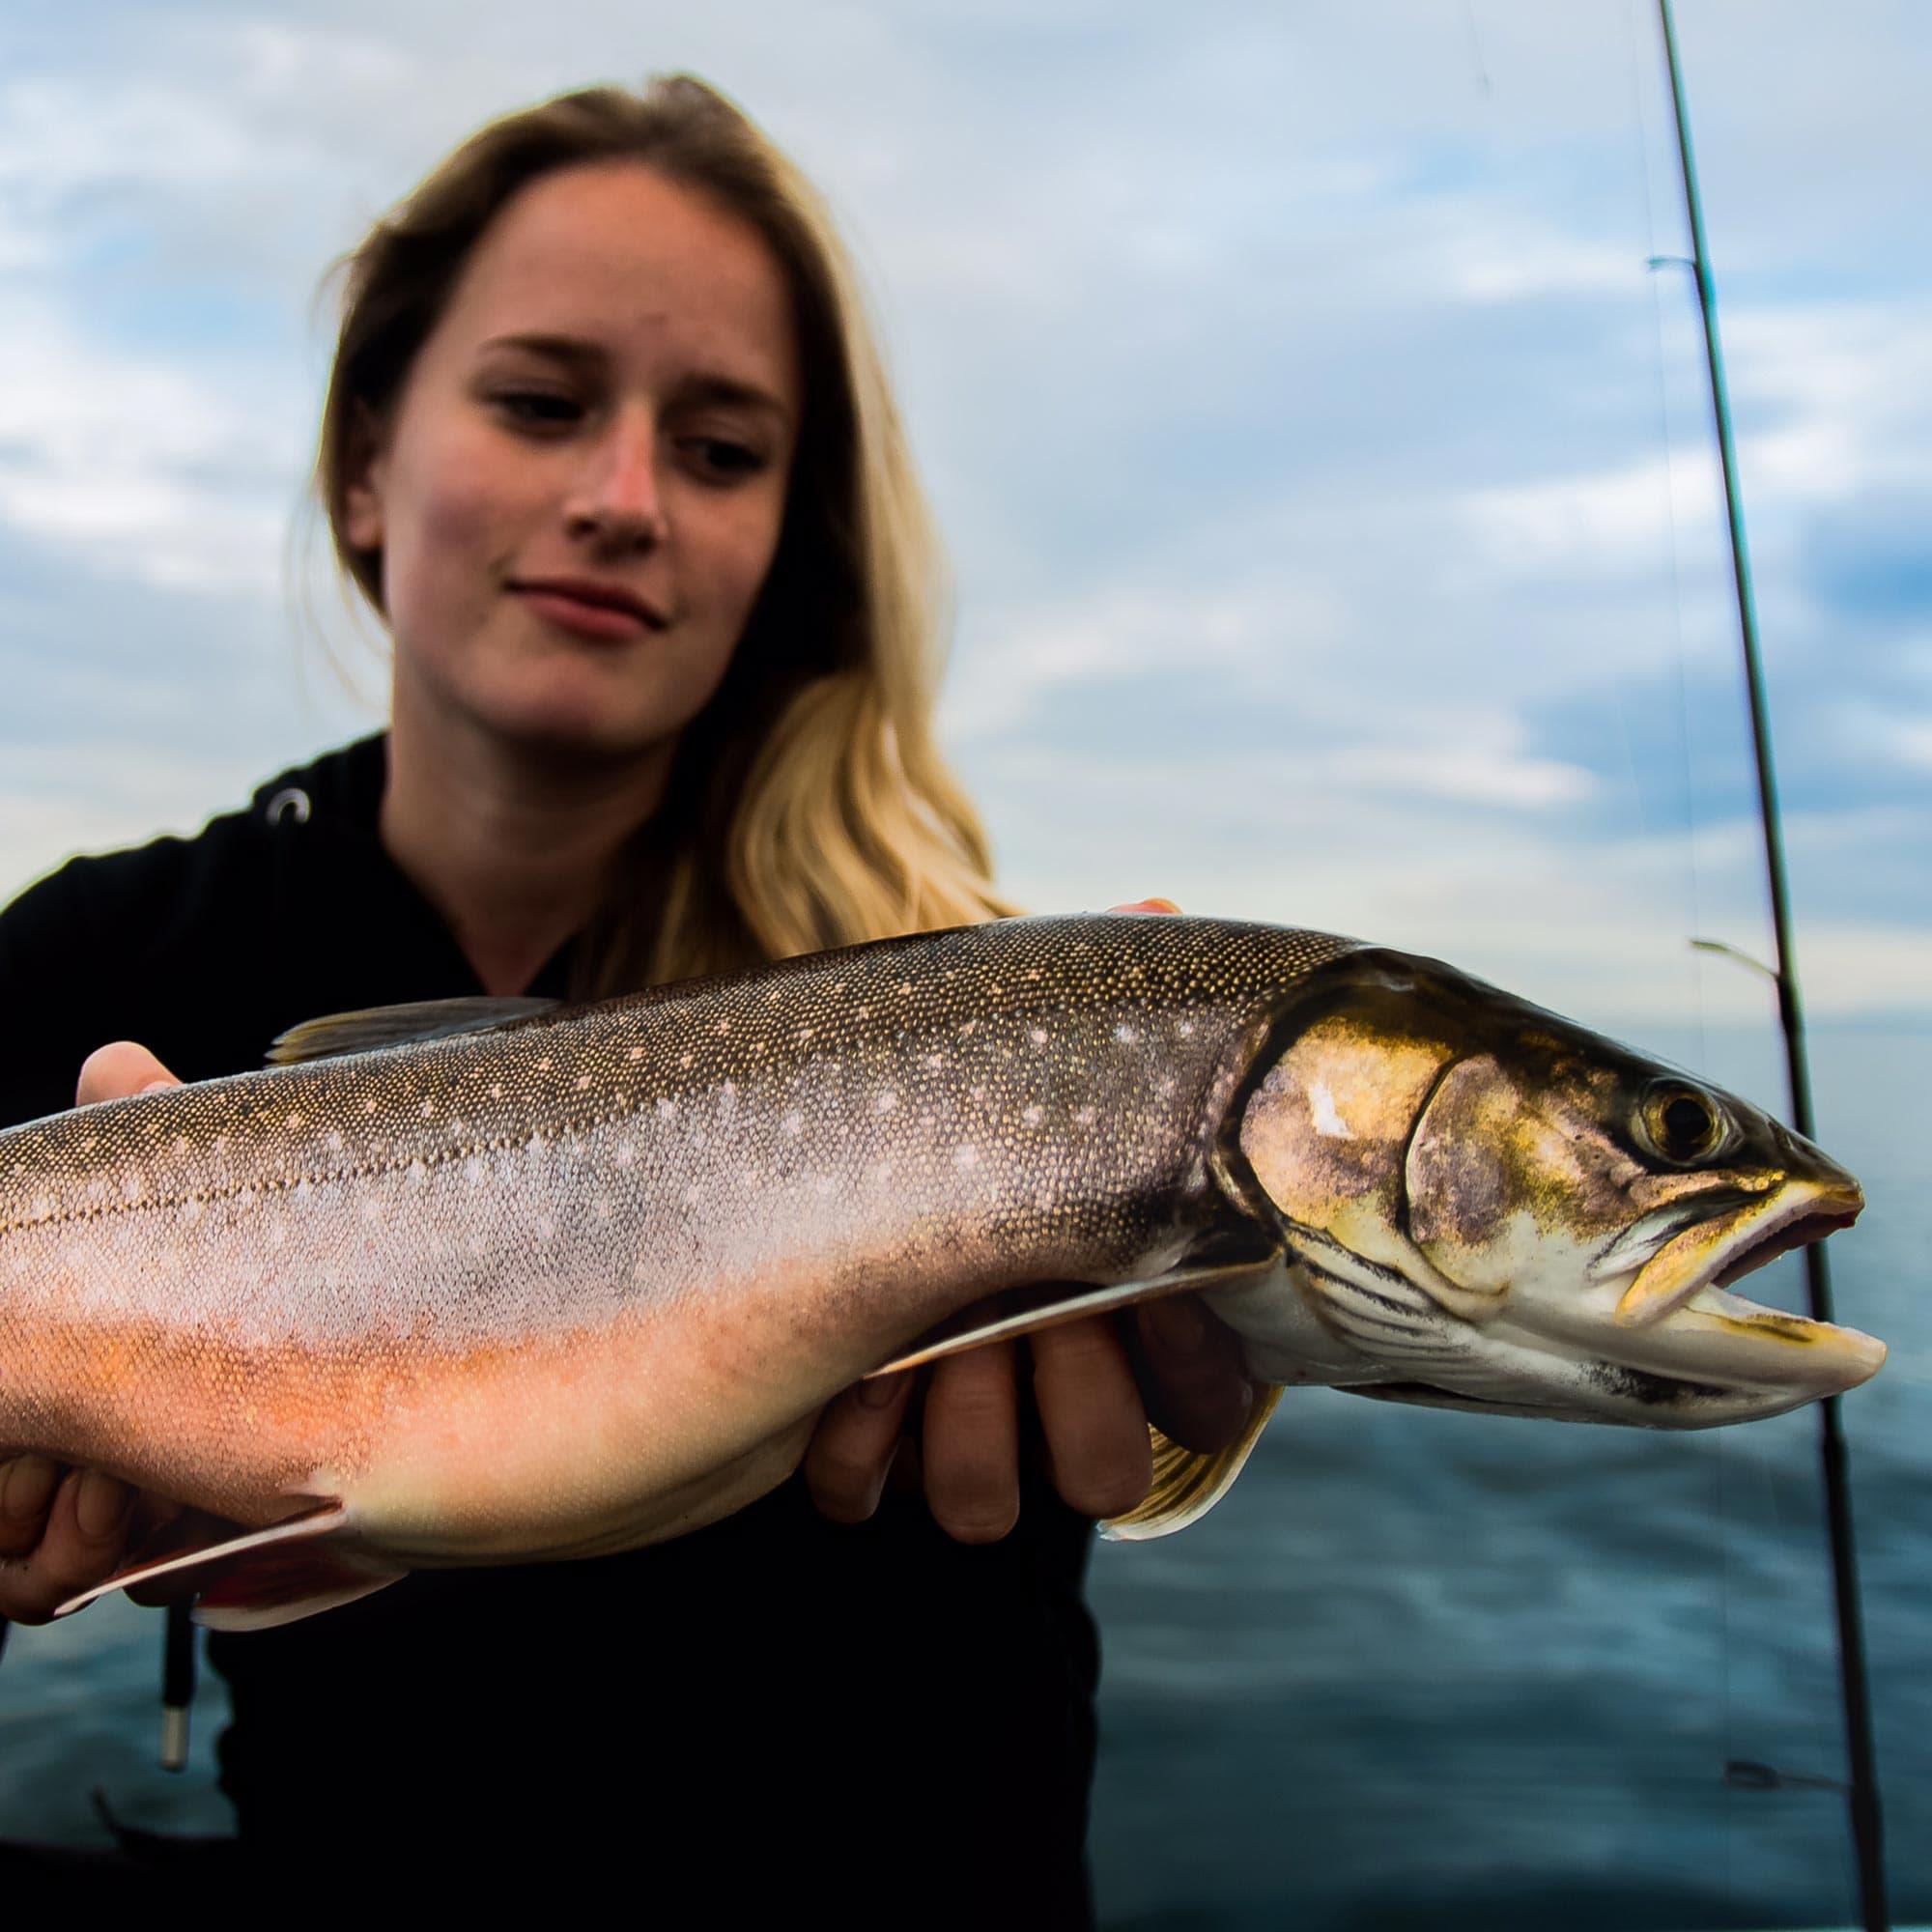 https://www.olssonsfiske.se/pub_docs/files/Custom_Item_Images/startpage-kategori-fiskeredskap.jpg